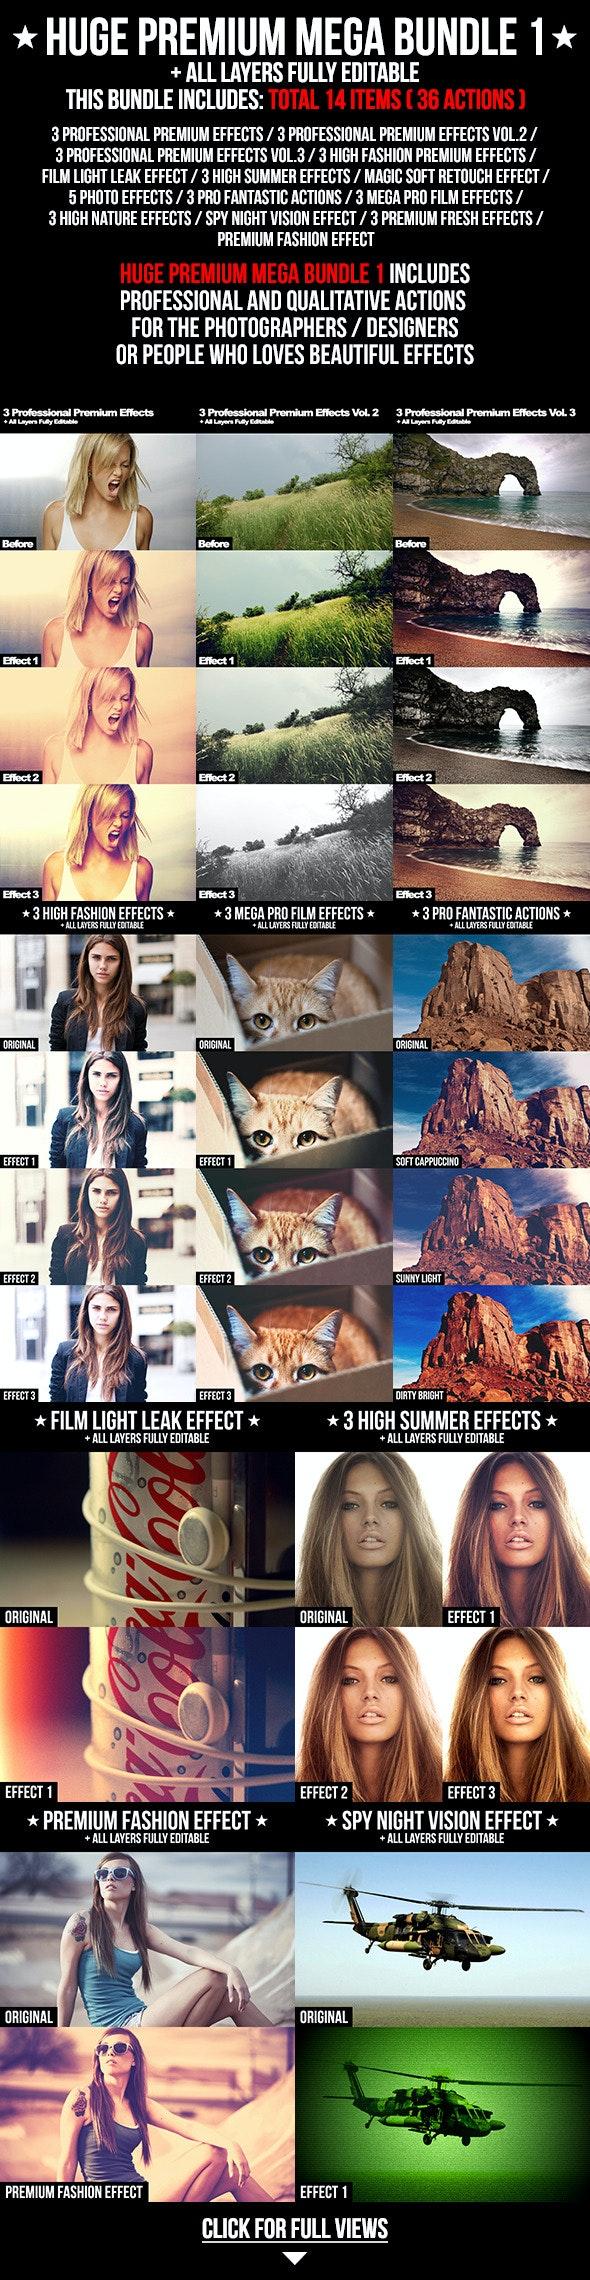 Huge Premium Mega Bundle 1 - Photo Effects Actions